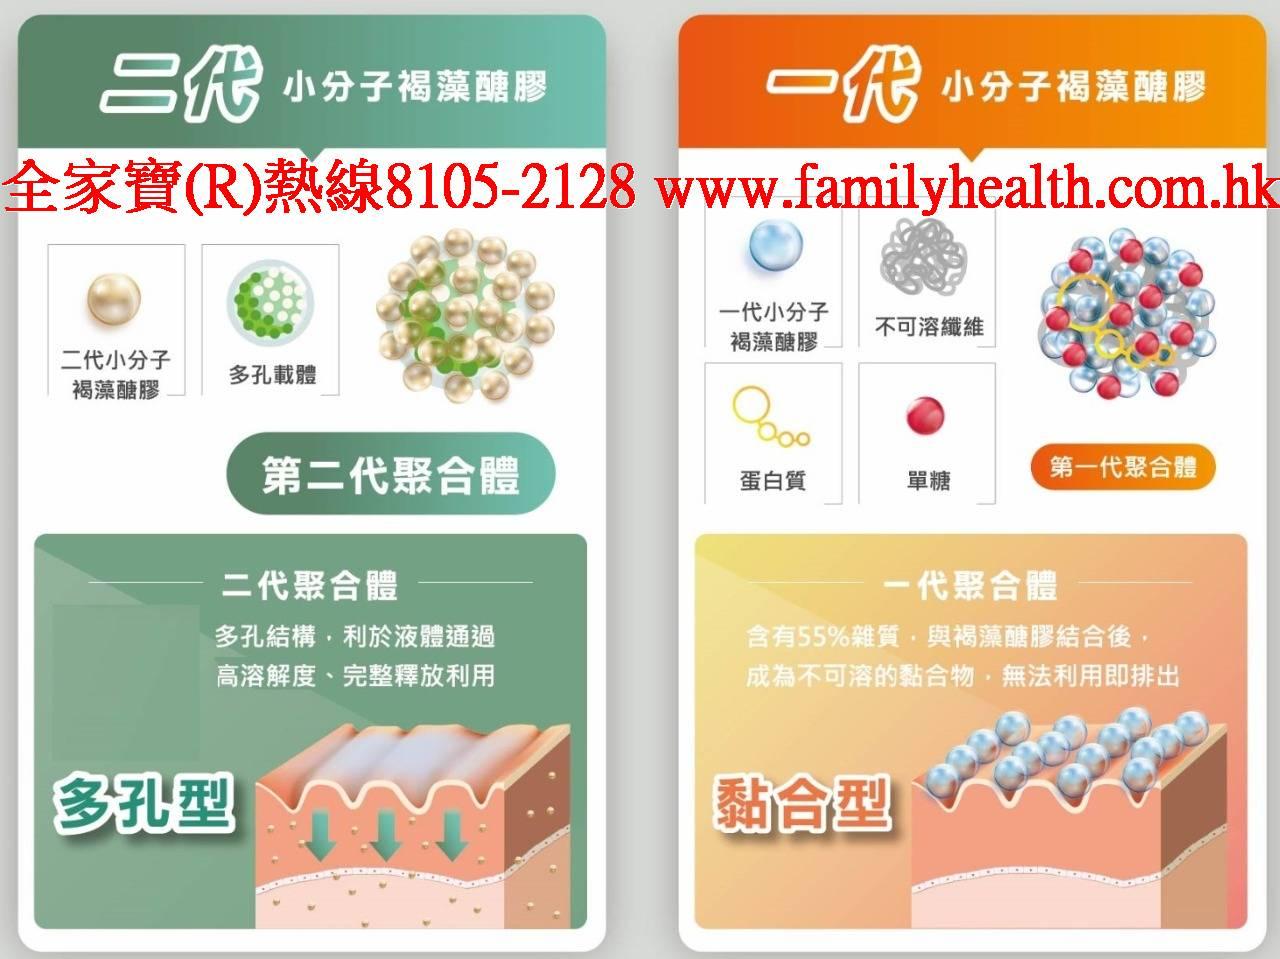 http://www.familyhealth.com.hk/files/full/1201_1.jpg